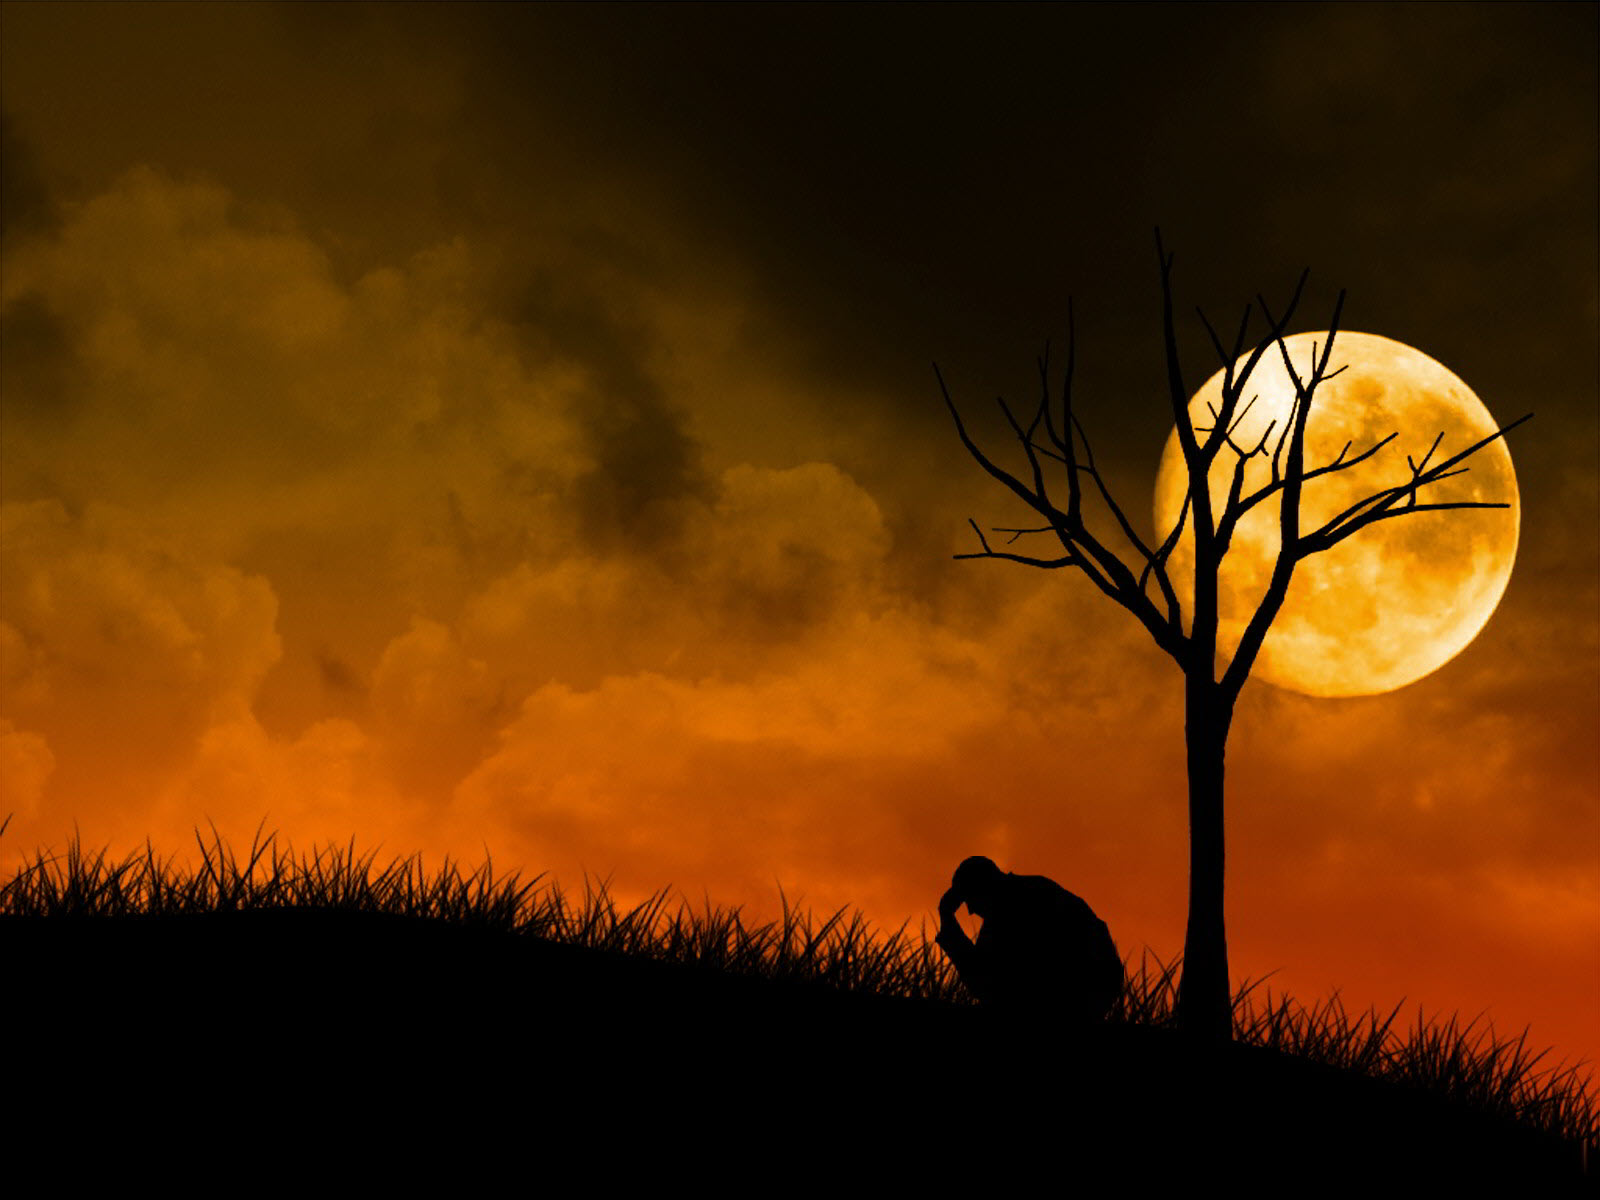 Hình ảnh buồn về đêm